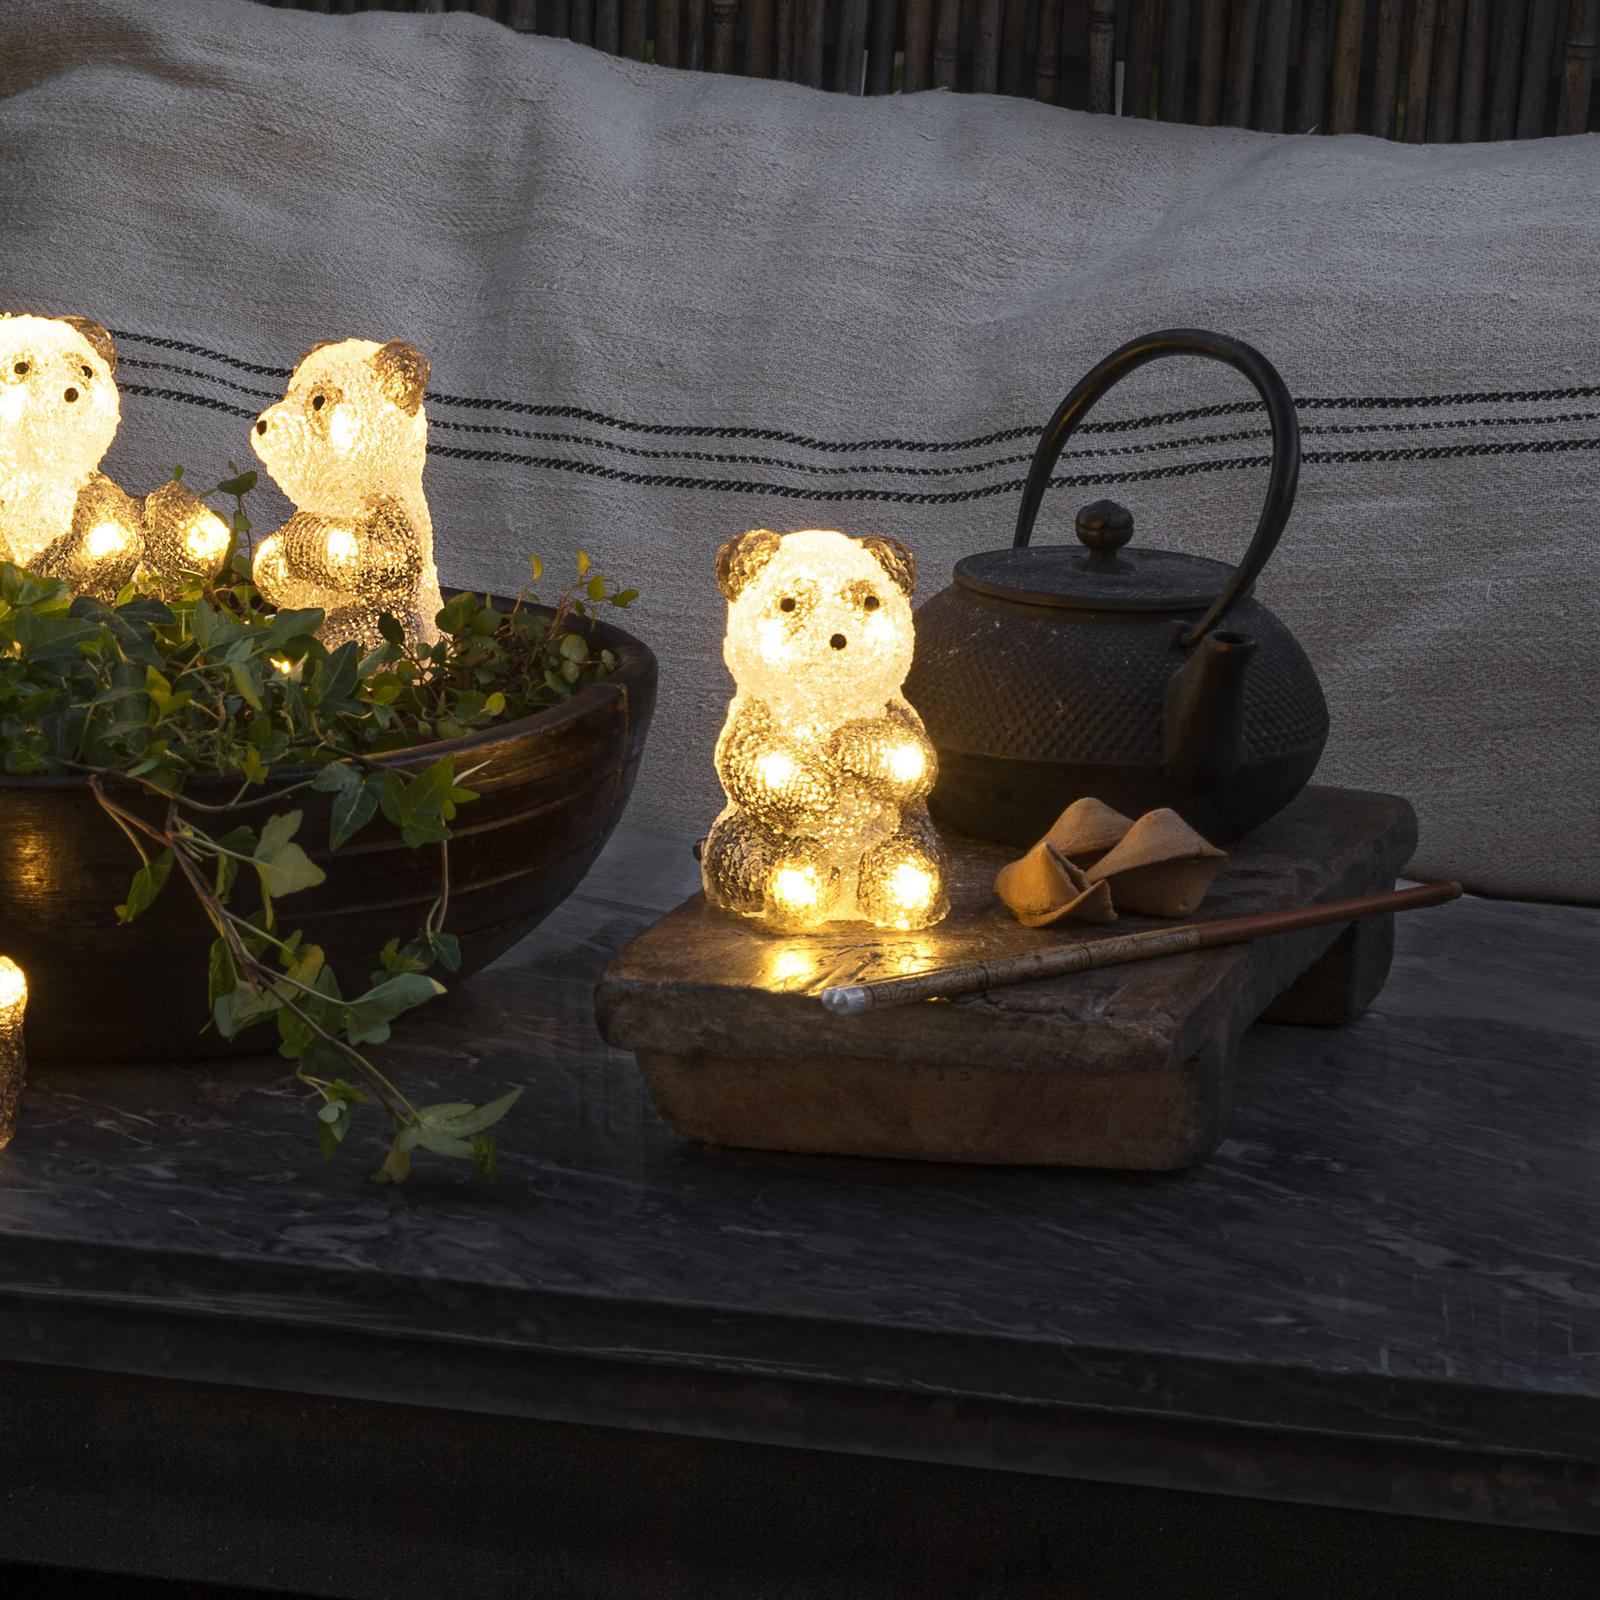 LED-Leuchtfigur Pandabär, 5er-Set als Kette